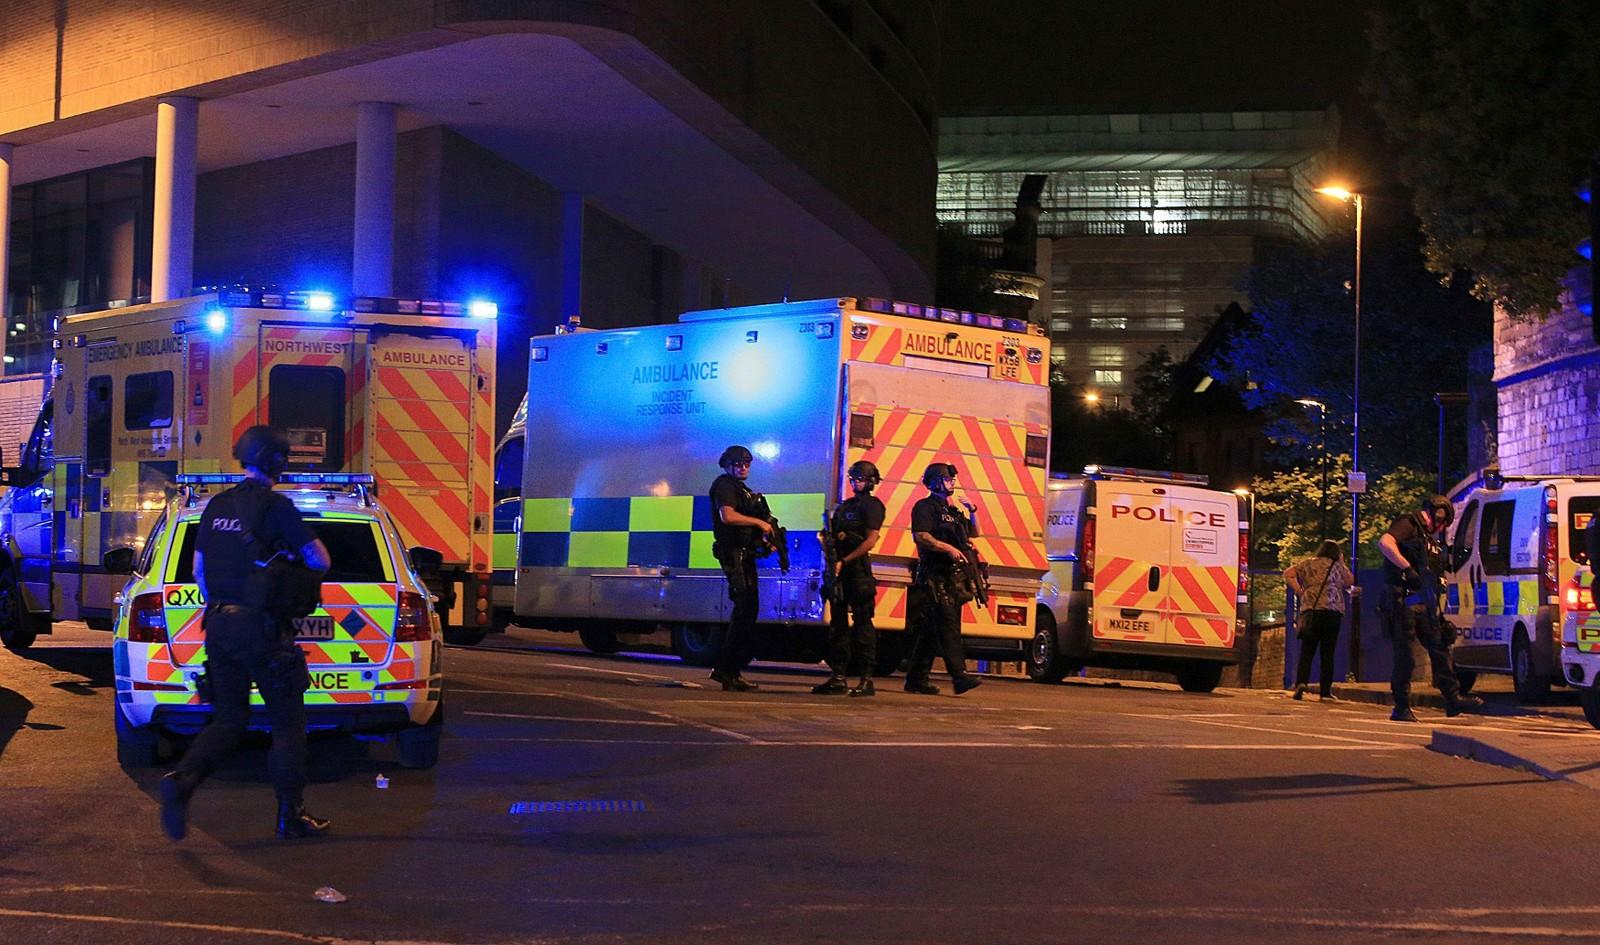 Flere mennesker er drept i det britisk politi tror kan dreie seg om et terrorangrep.